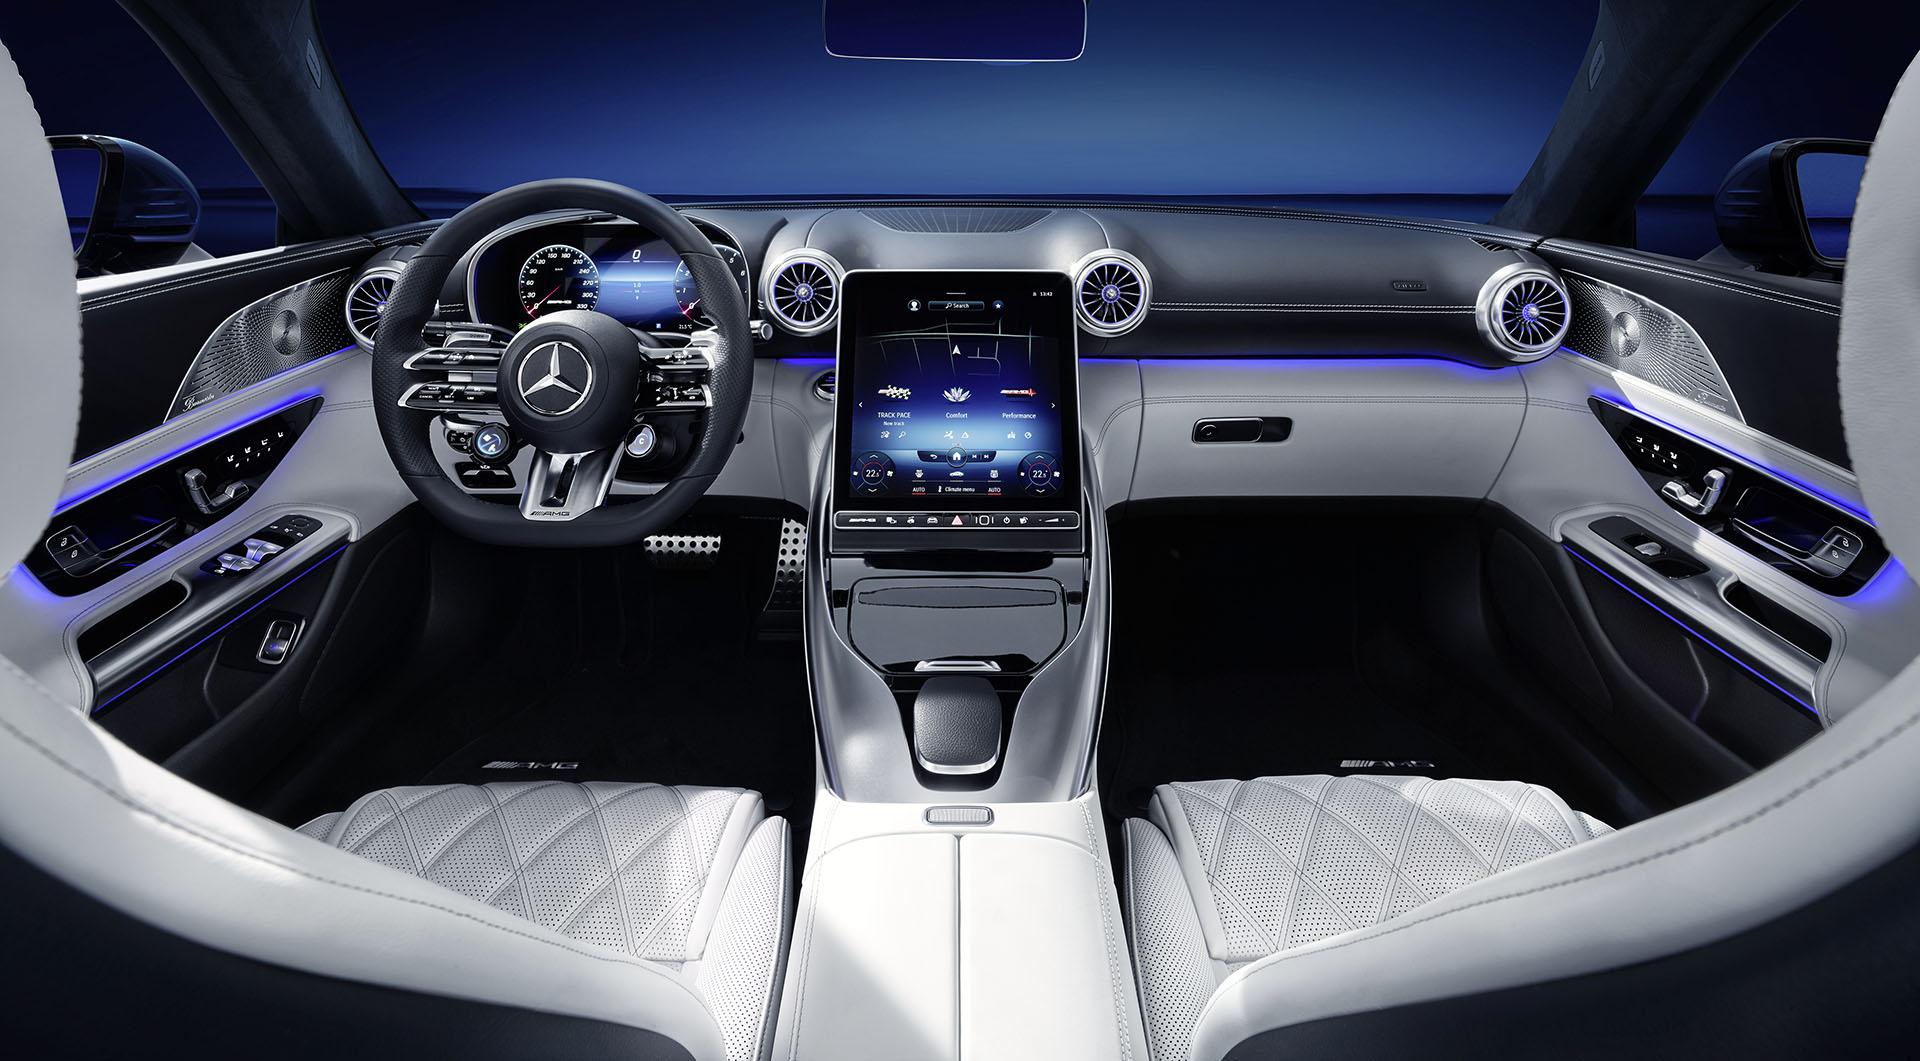 Ексклюзивний огляд інтер'єру нового Mercedes-AMG SL